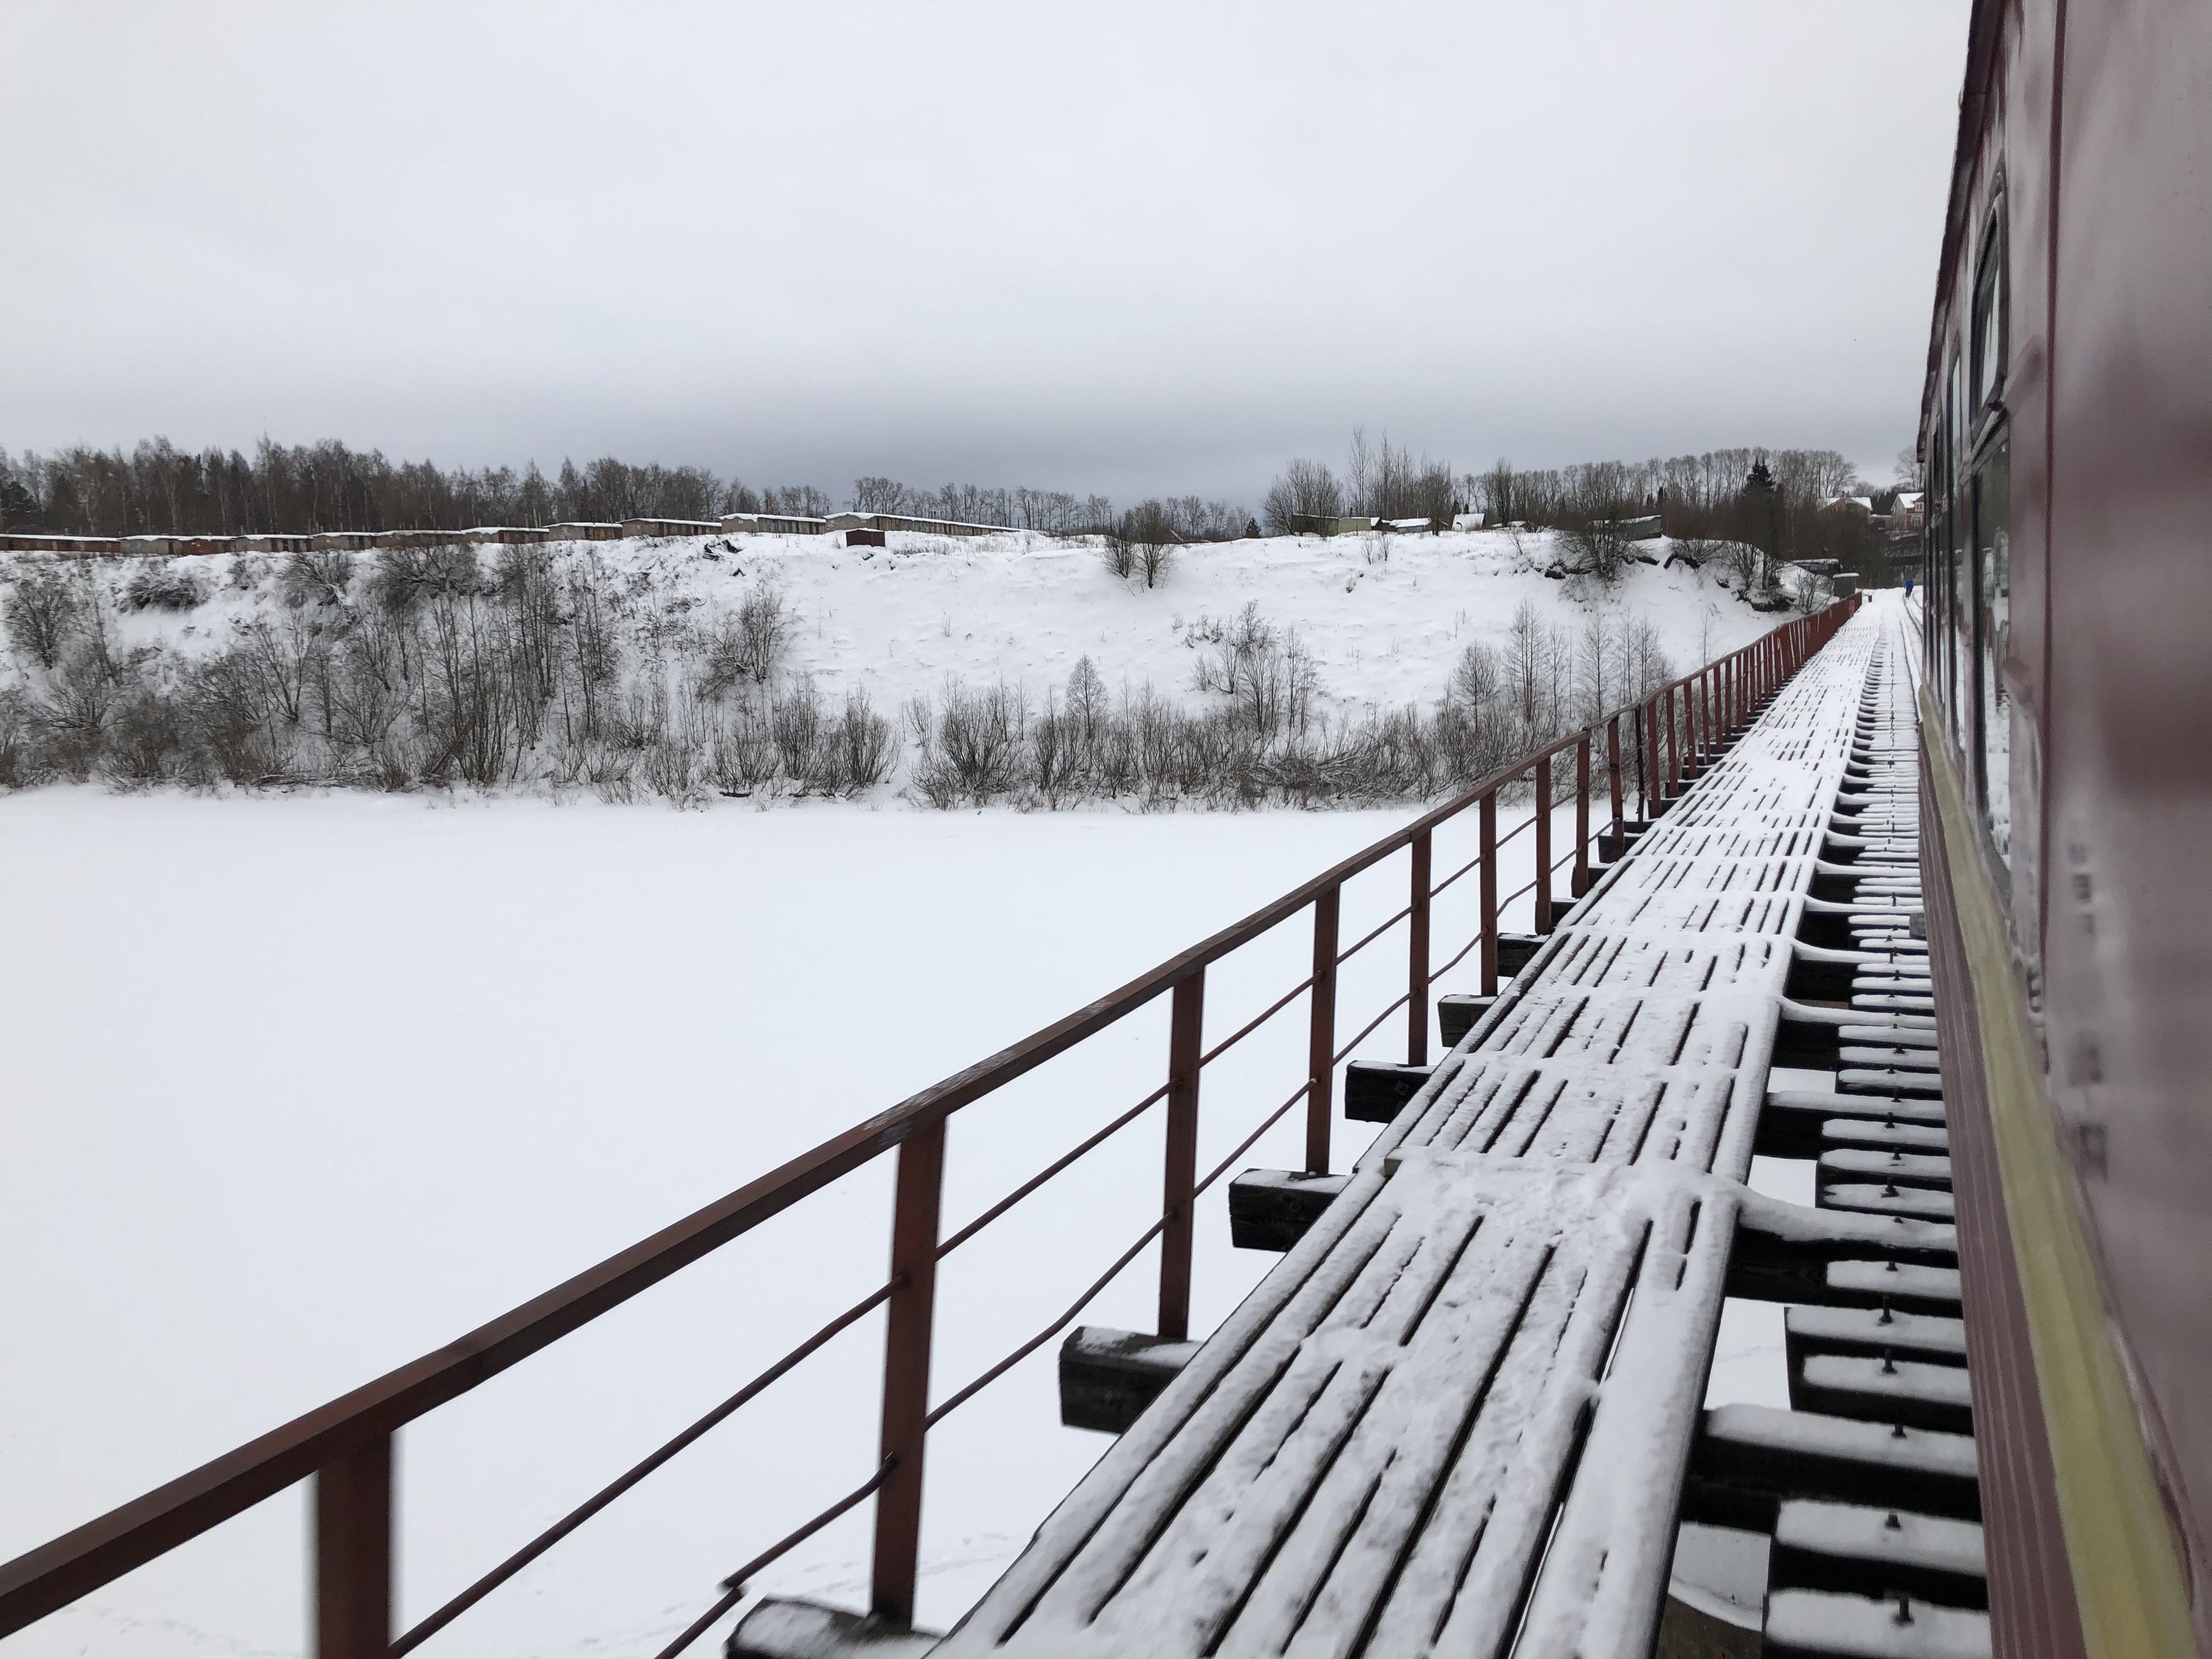 Власти Кирово-Чепецка рассказали, сколько будет стоить проезд по узкоколейке в 2021 году